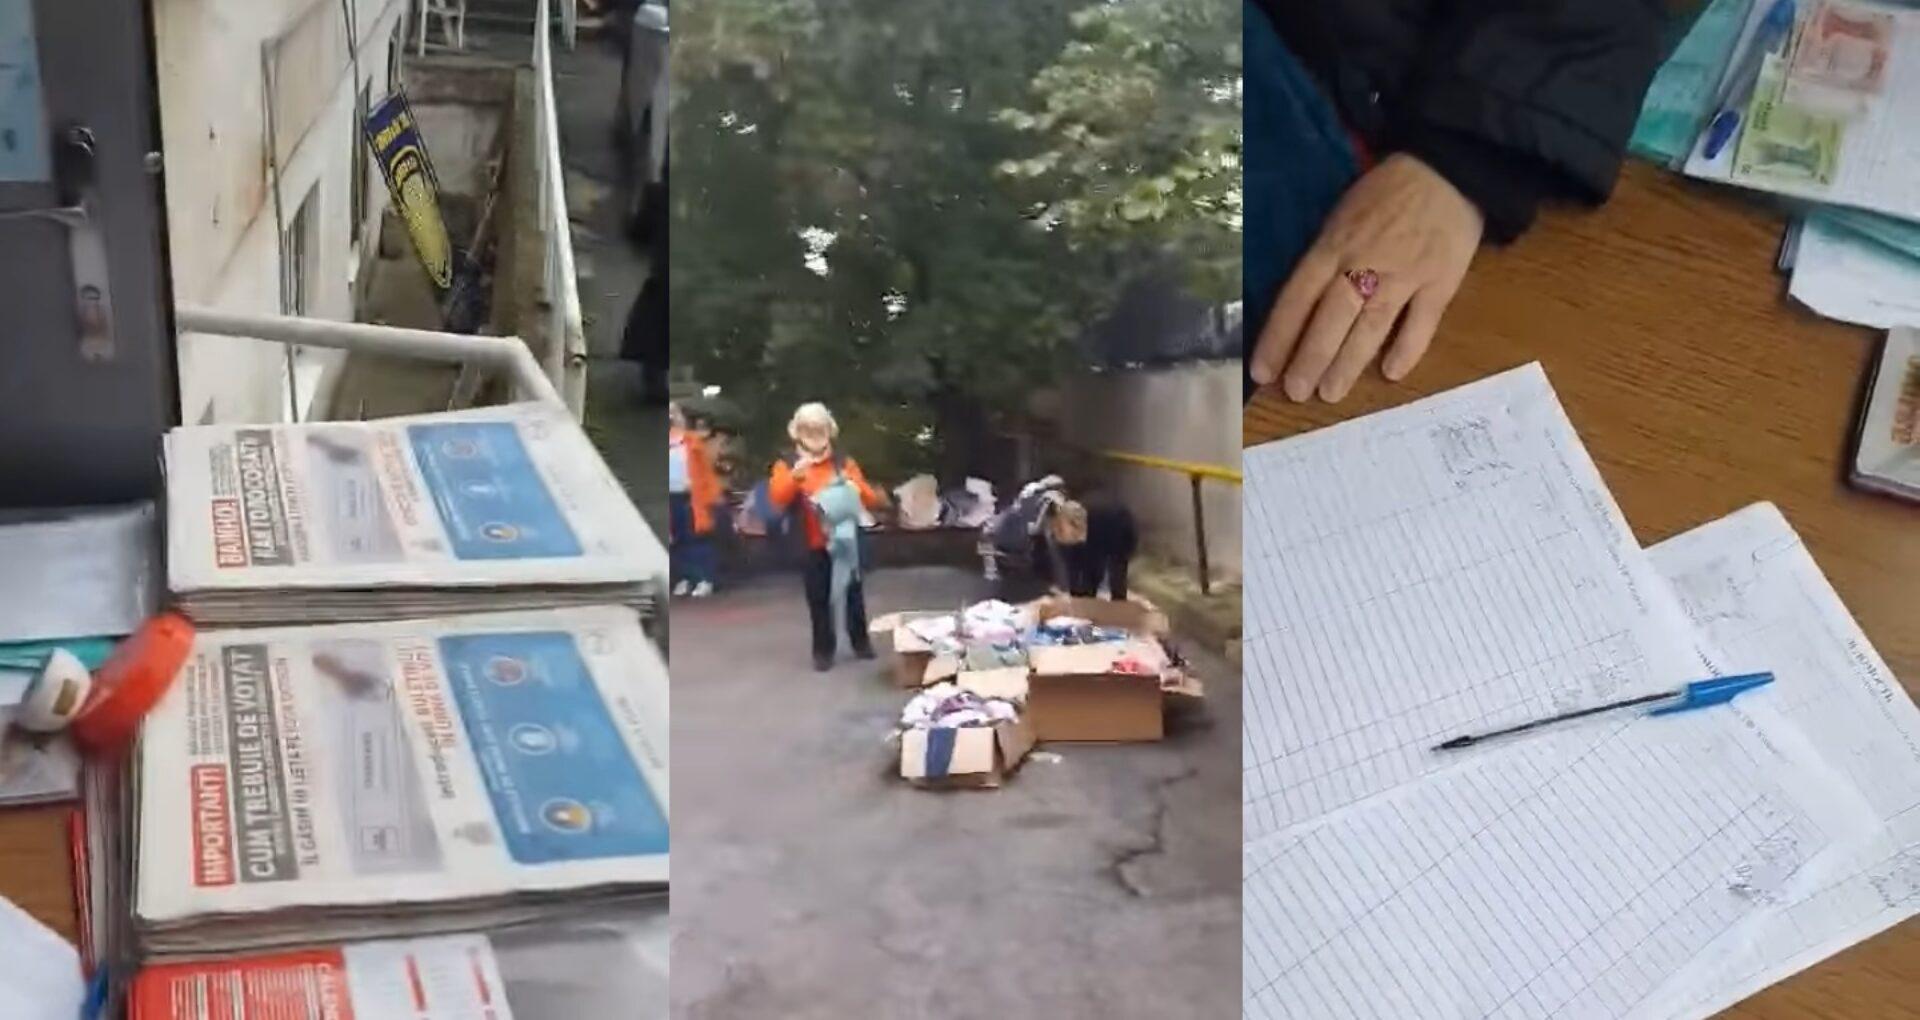 """VIDEO/ Ajutor umanitar, la pachet cu pliante electorale ale lui Igor Dodon. Pentru """"darea de seamă"""" beneficiarii semnau într-o listă"""